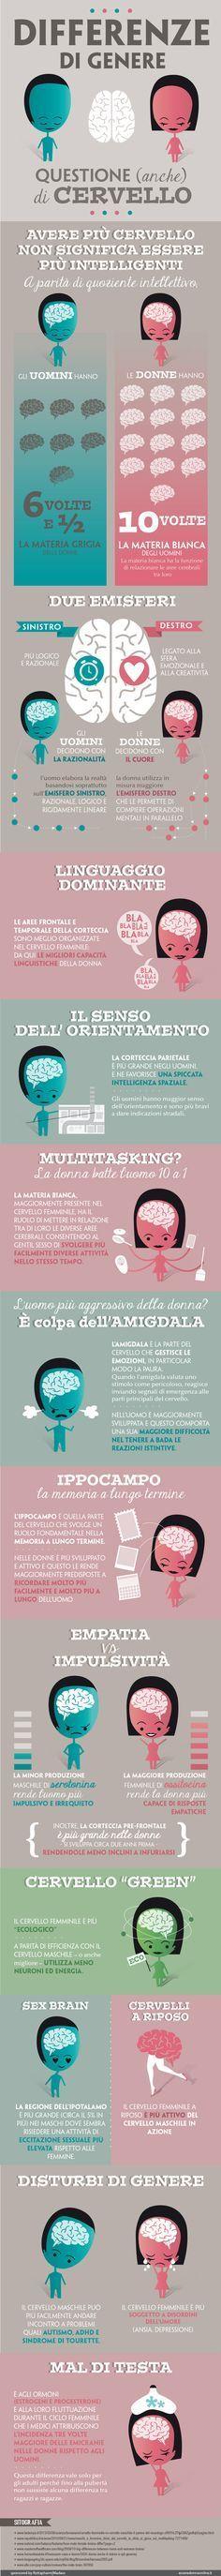 Differenze di genere? Questione anche di cervello - Infografica di Esseredonnaonline -design Kleland studio di Alice Borghi , brain woman vs man